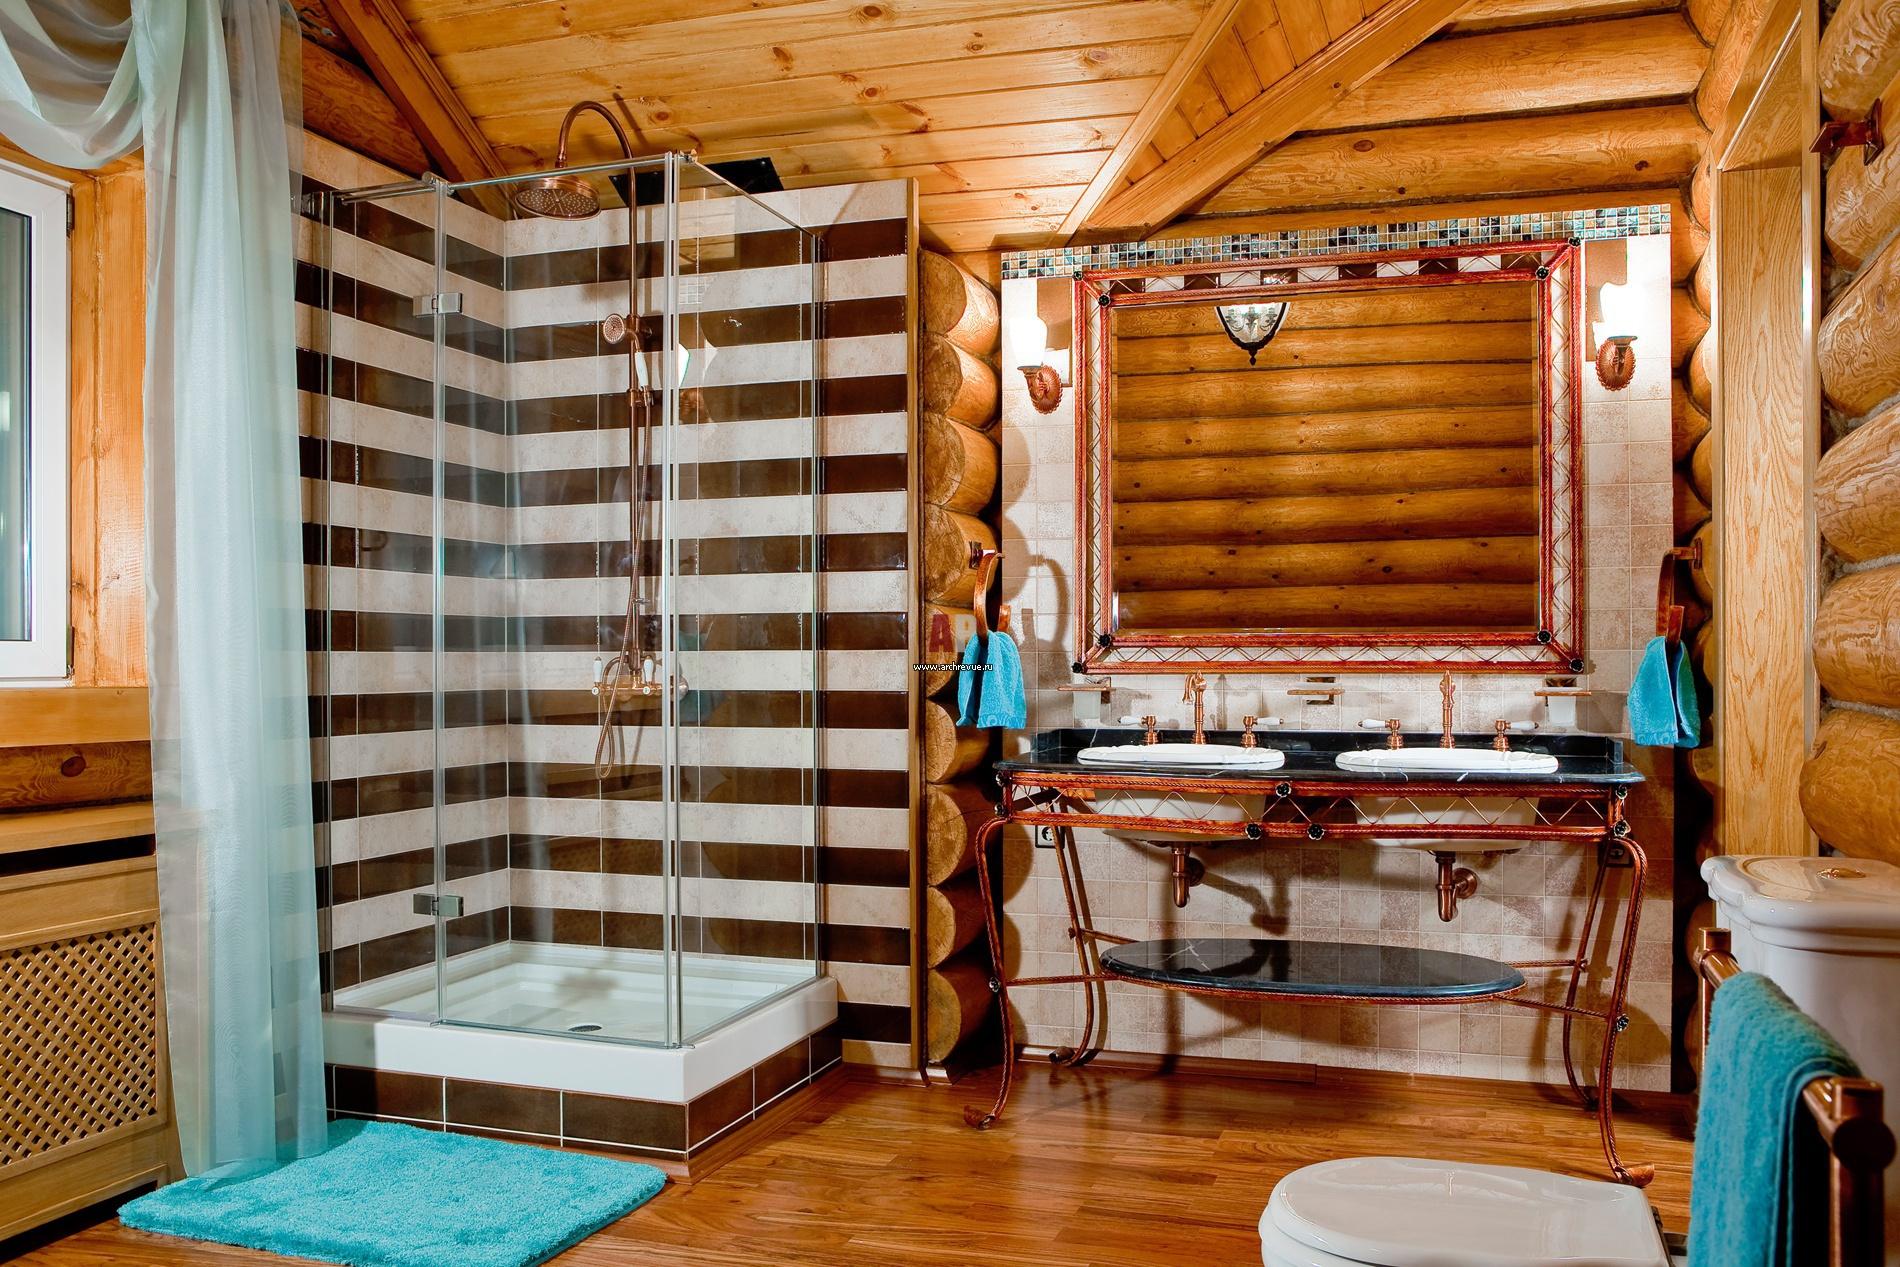 Дизайн санузлов в деревянных домах